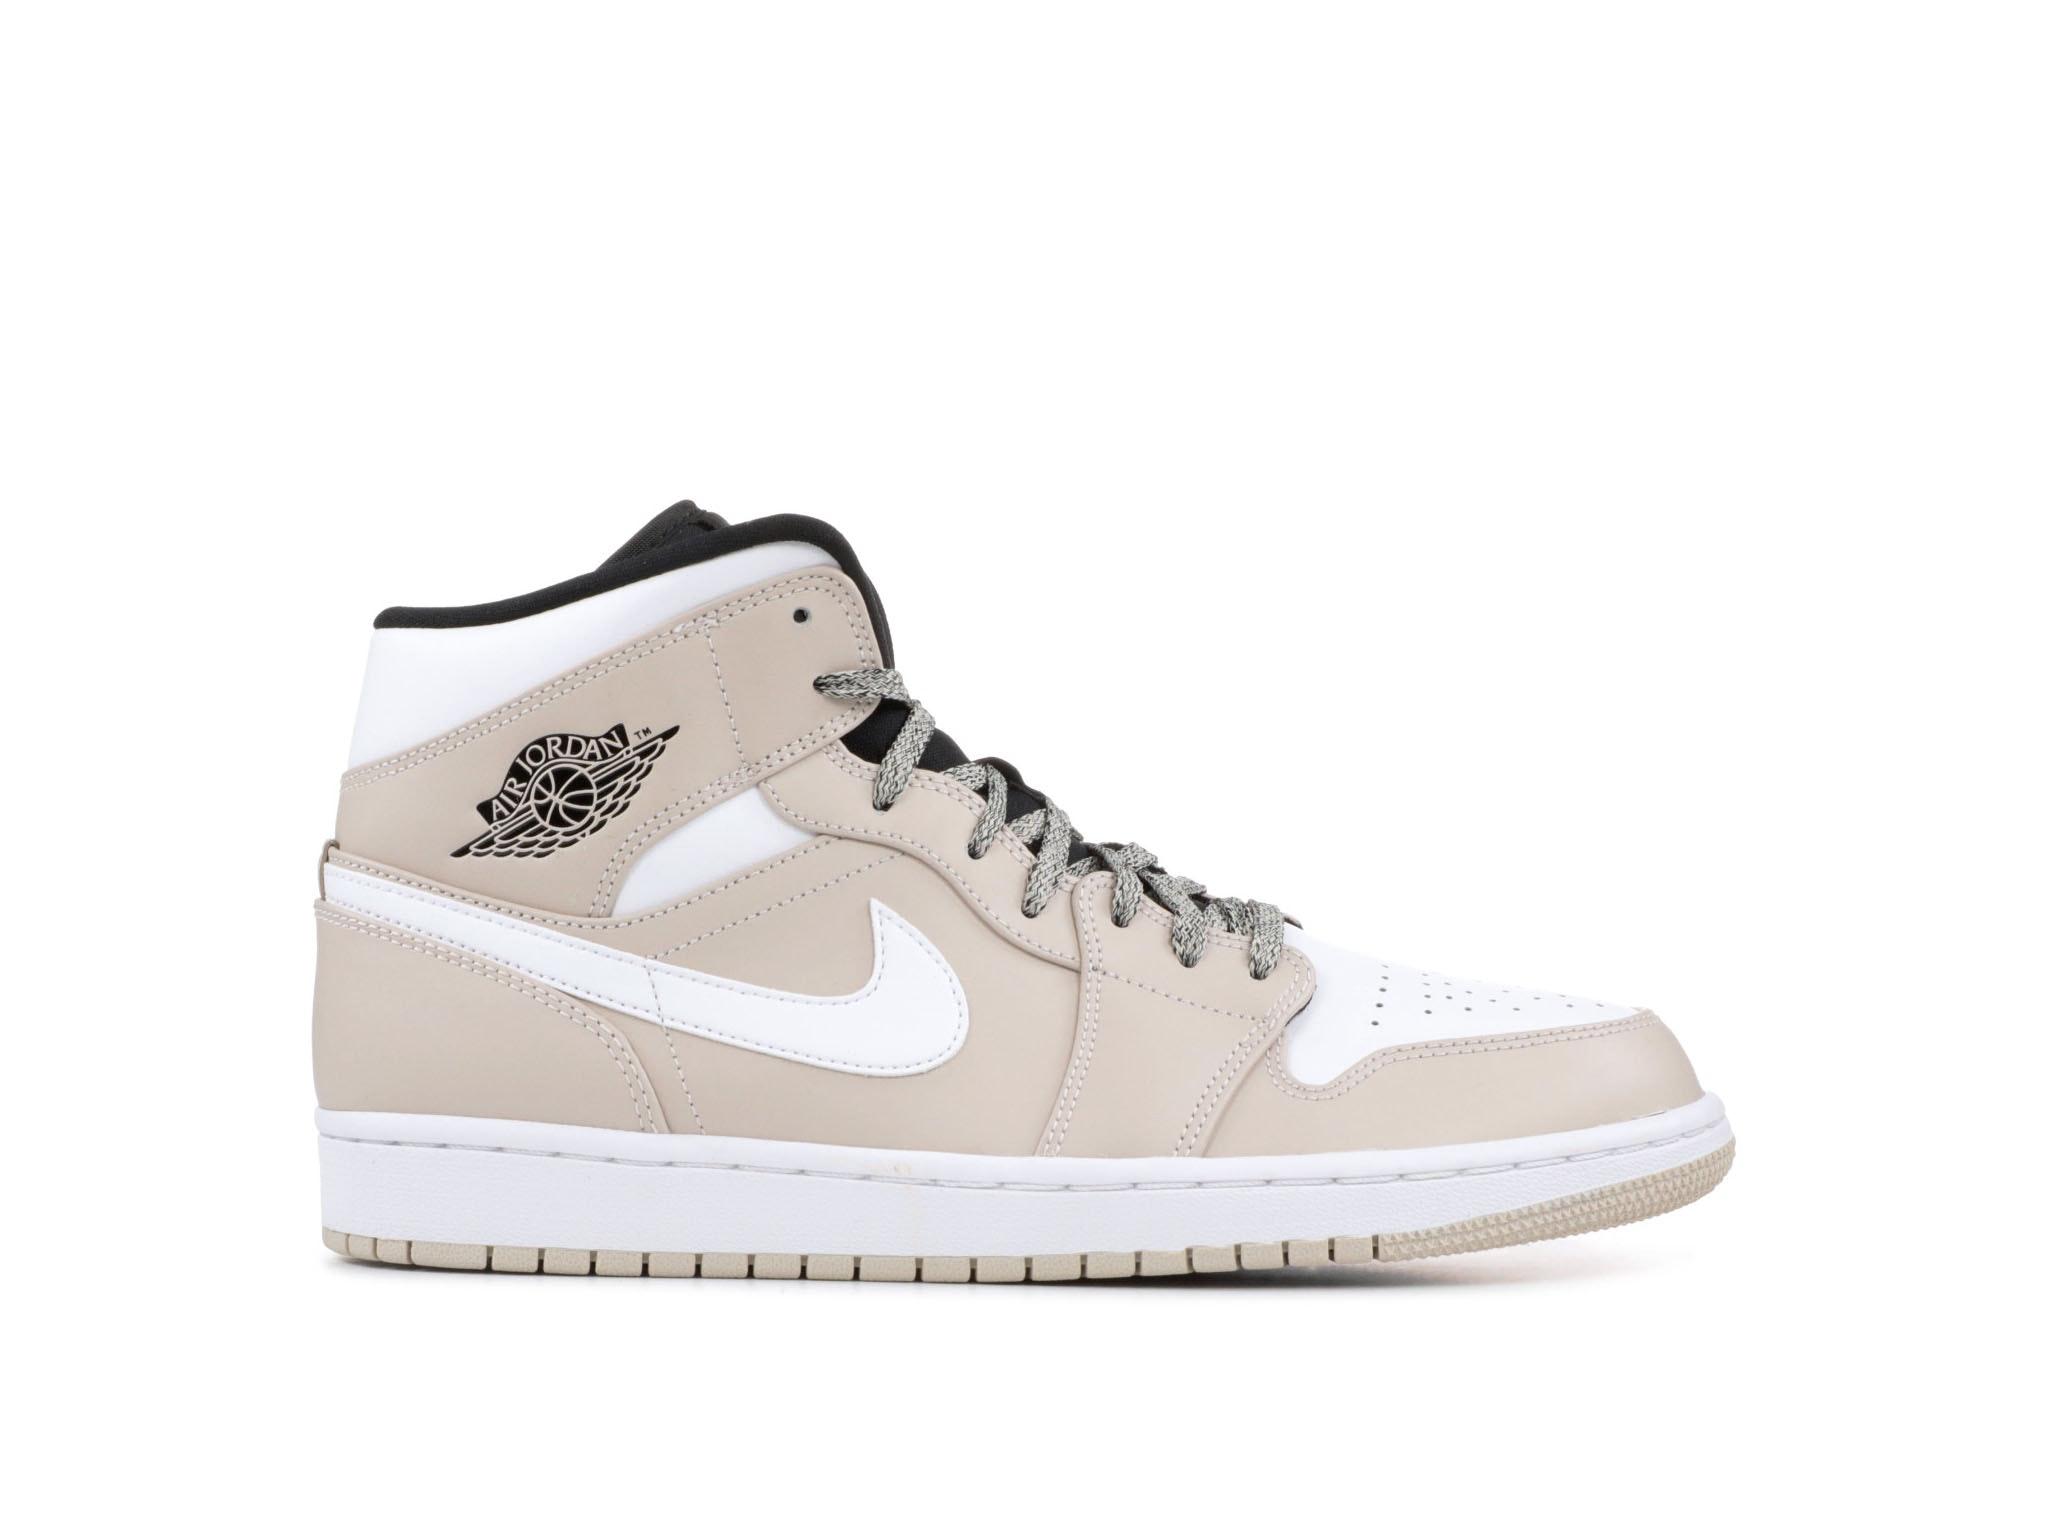 9e5c30be1405 Shop Air Jordan 1 Mid Desert Sand Online